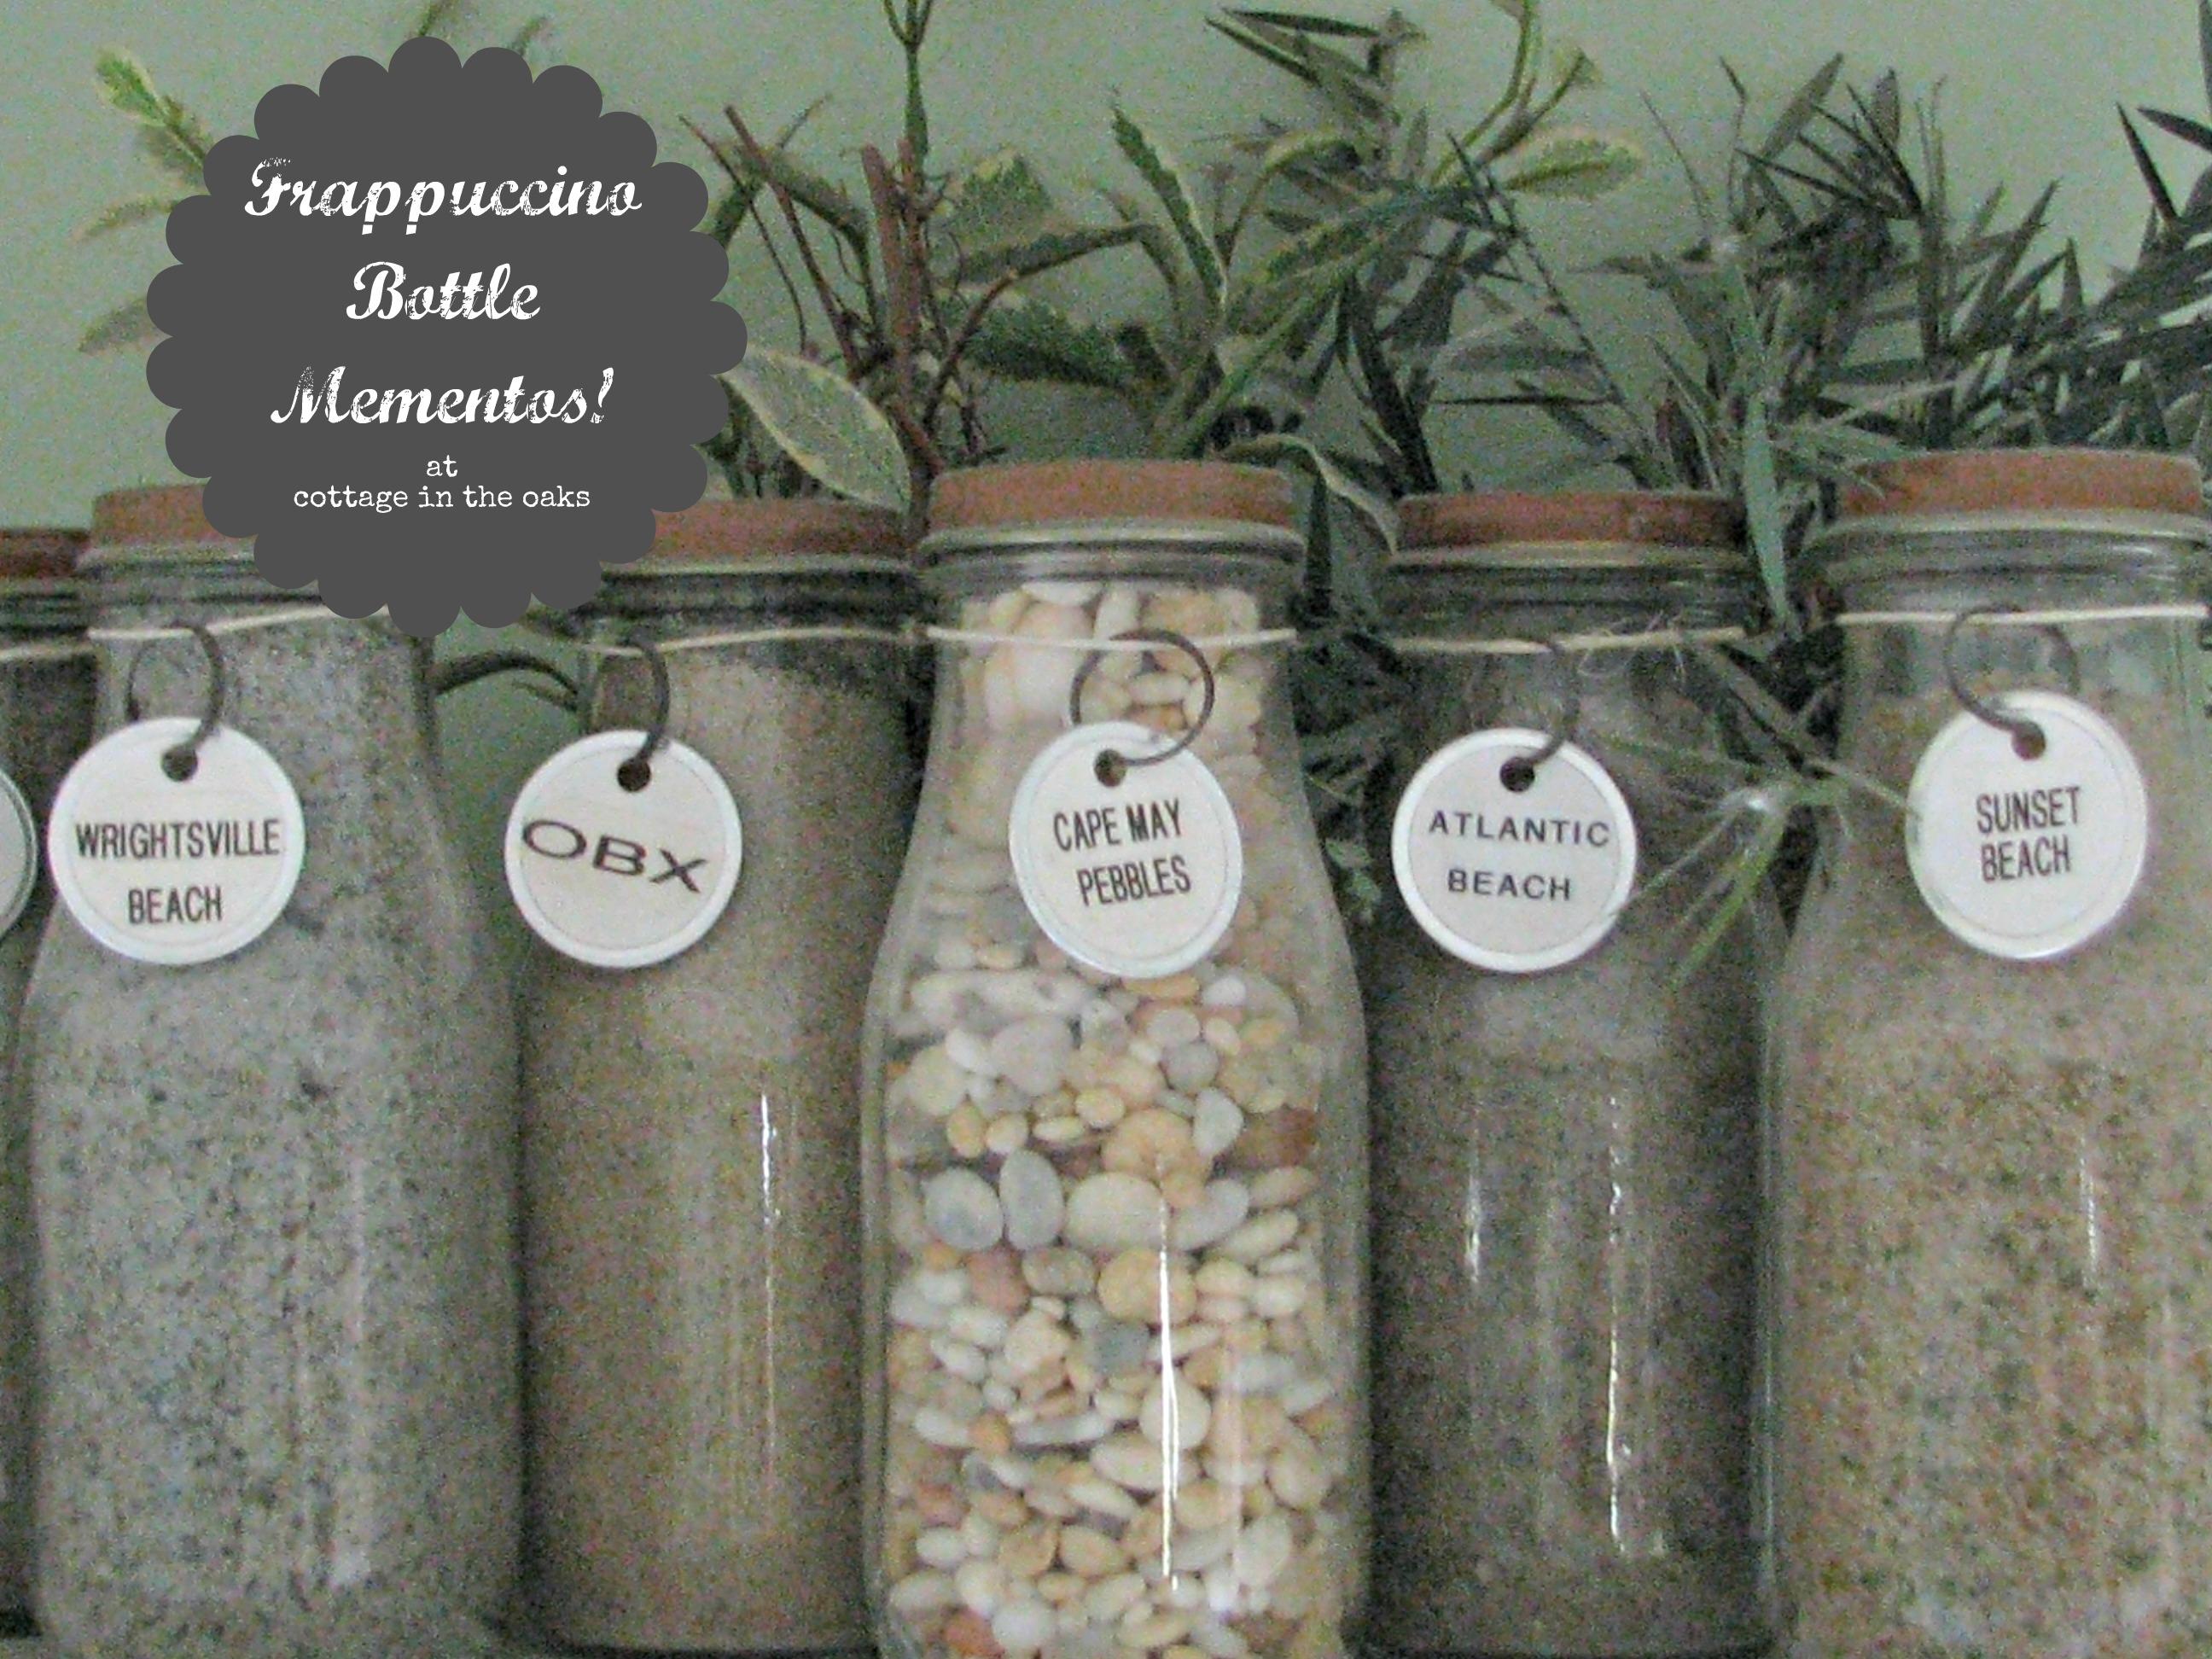 http://cottageintheoaks.files.wordpress.com/2012/05/frappuccino-bottle-mementos.jpg